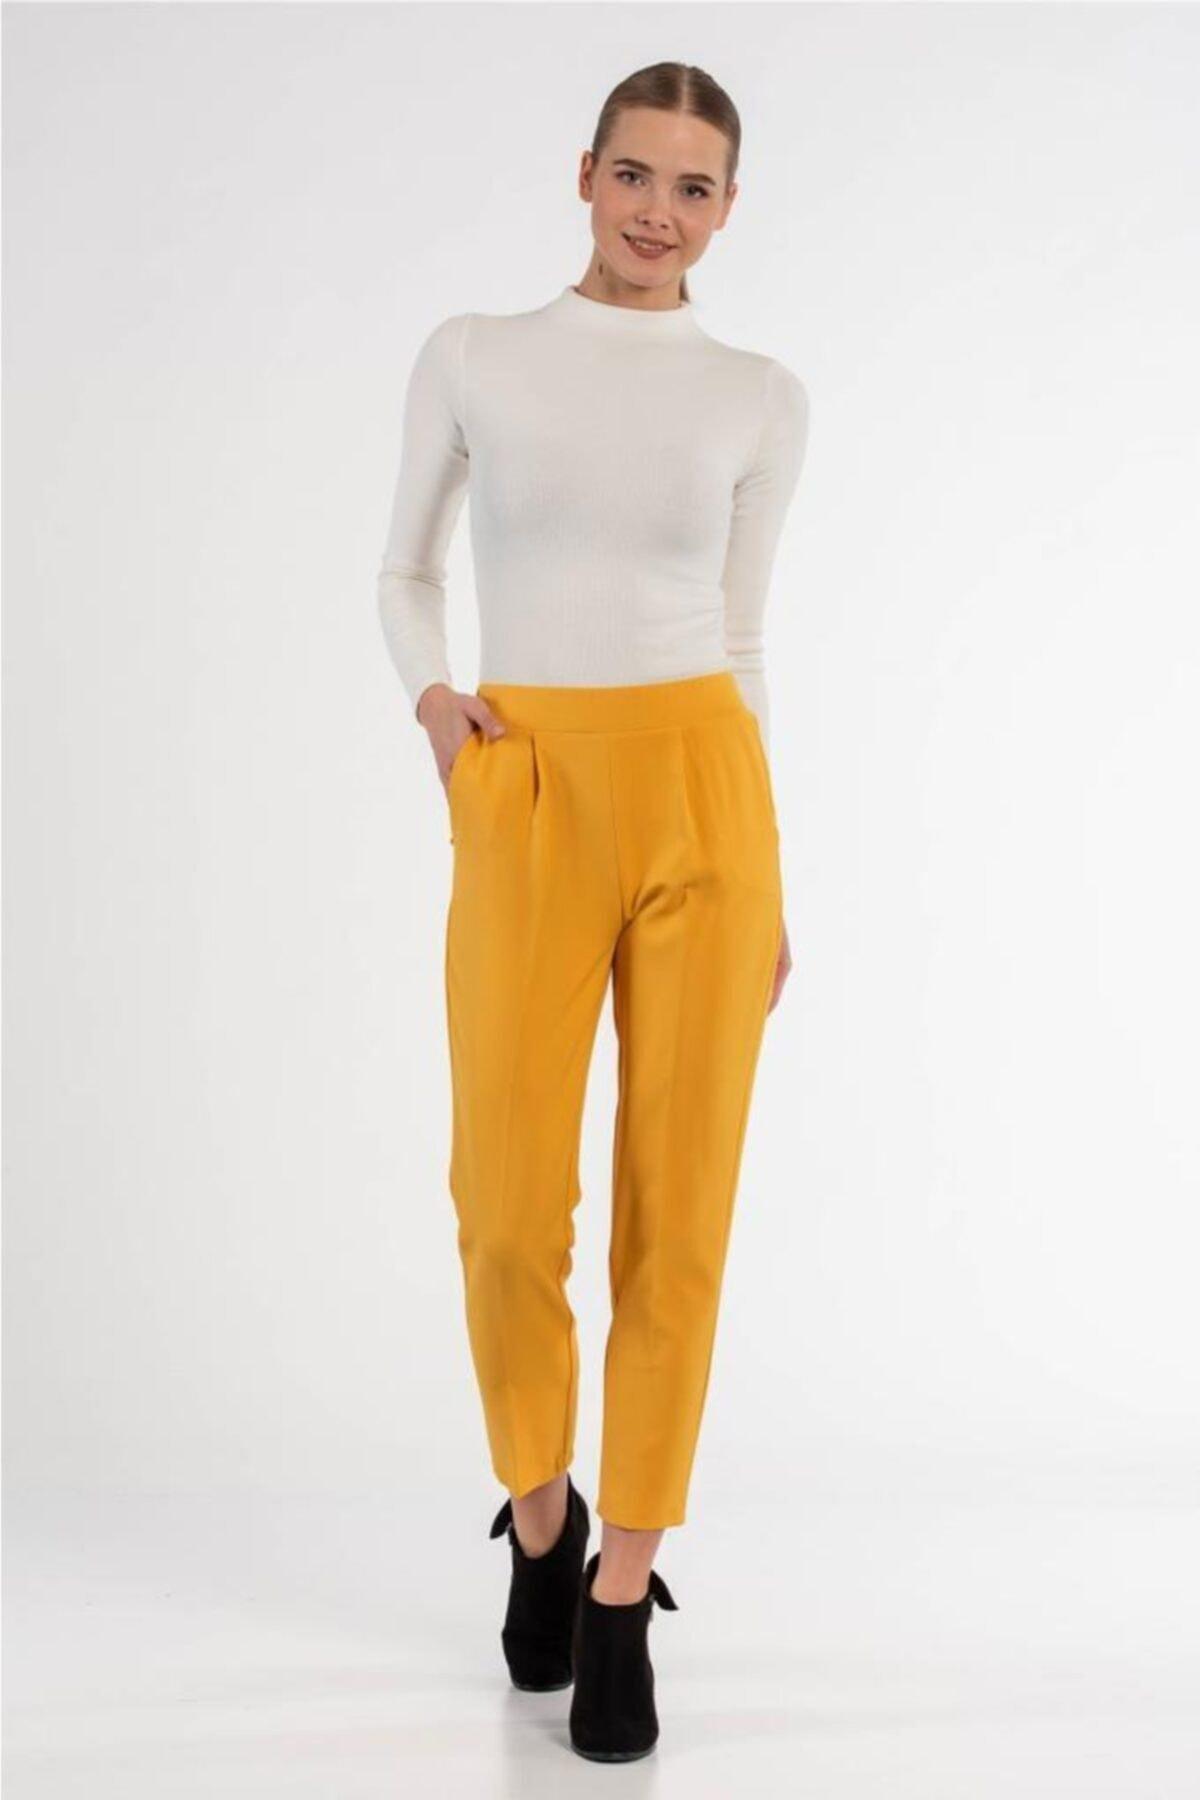 Modkofoni Belden Lastikli Sarı Bilek Pantolon 1